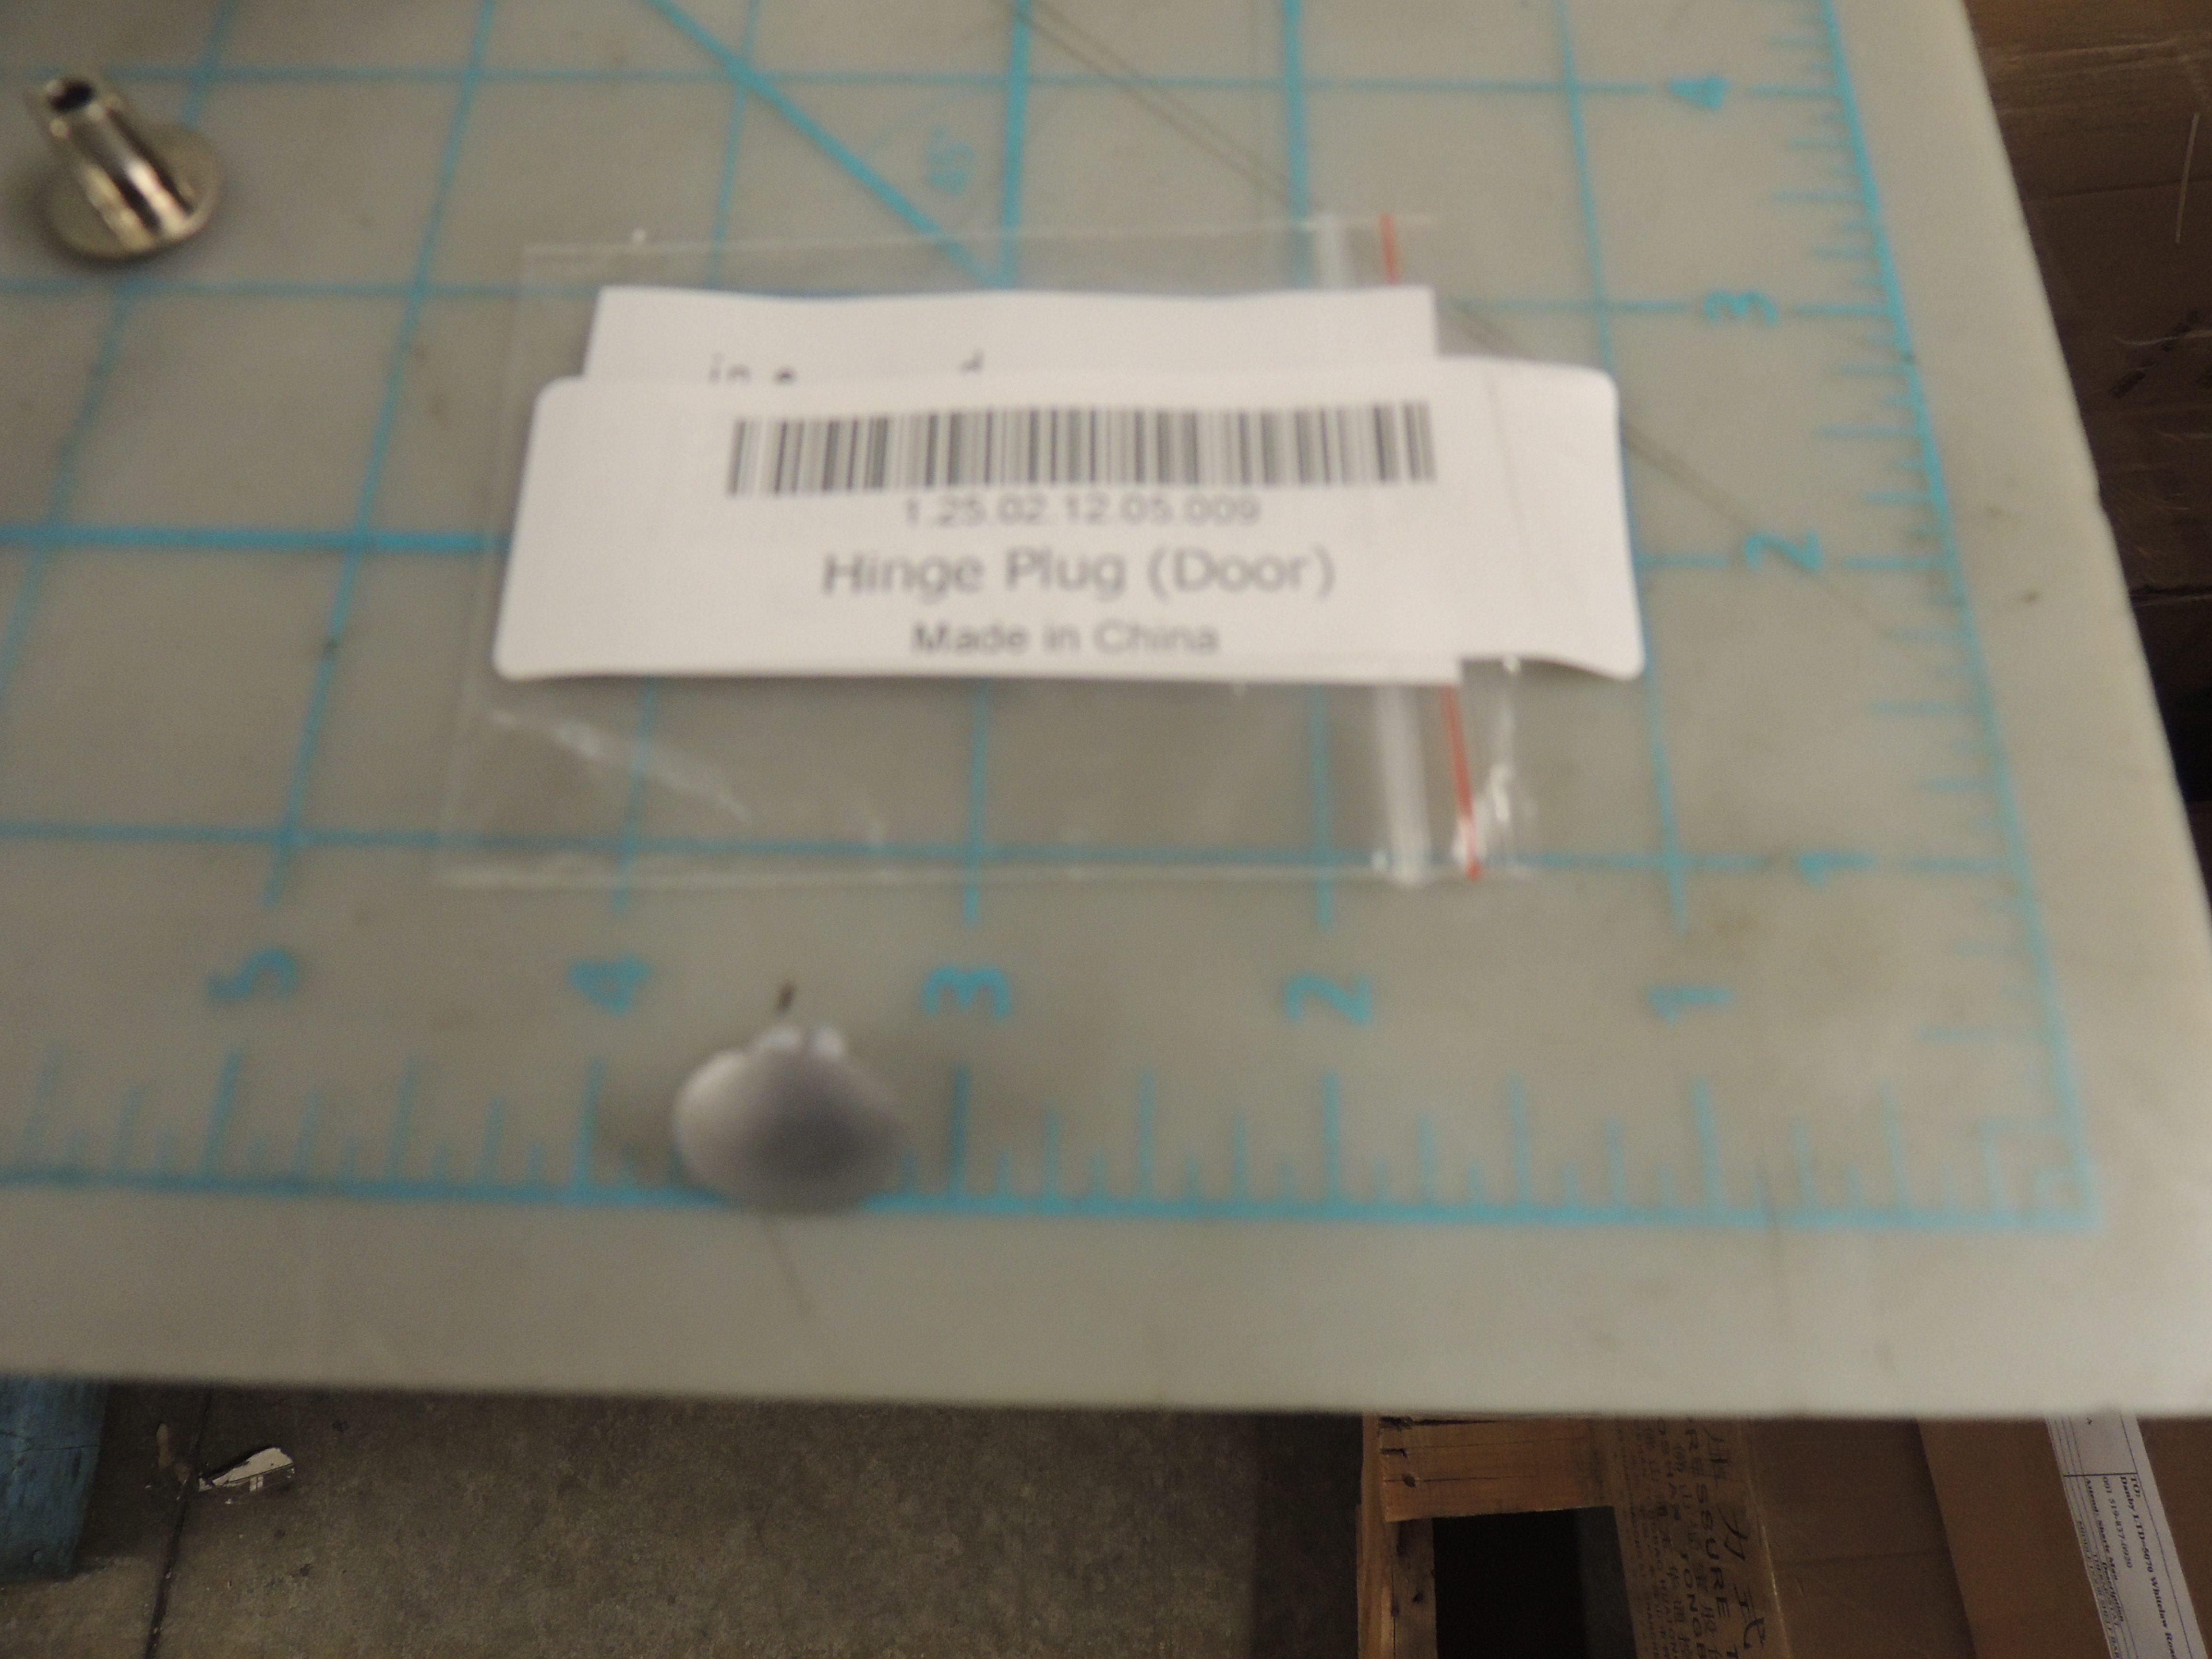 Hinge Plug (Door)